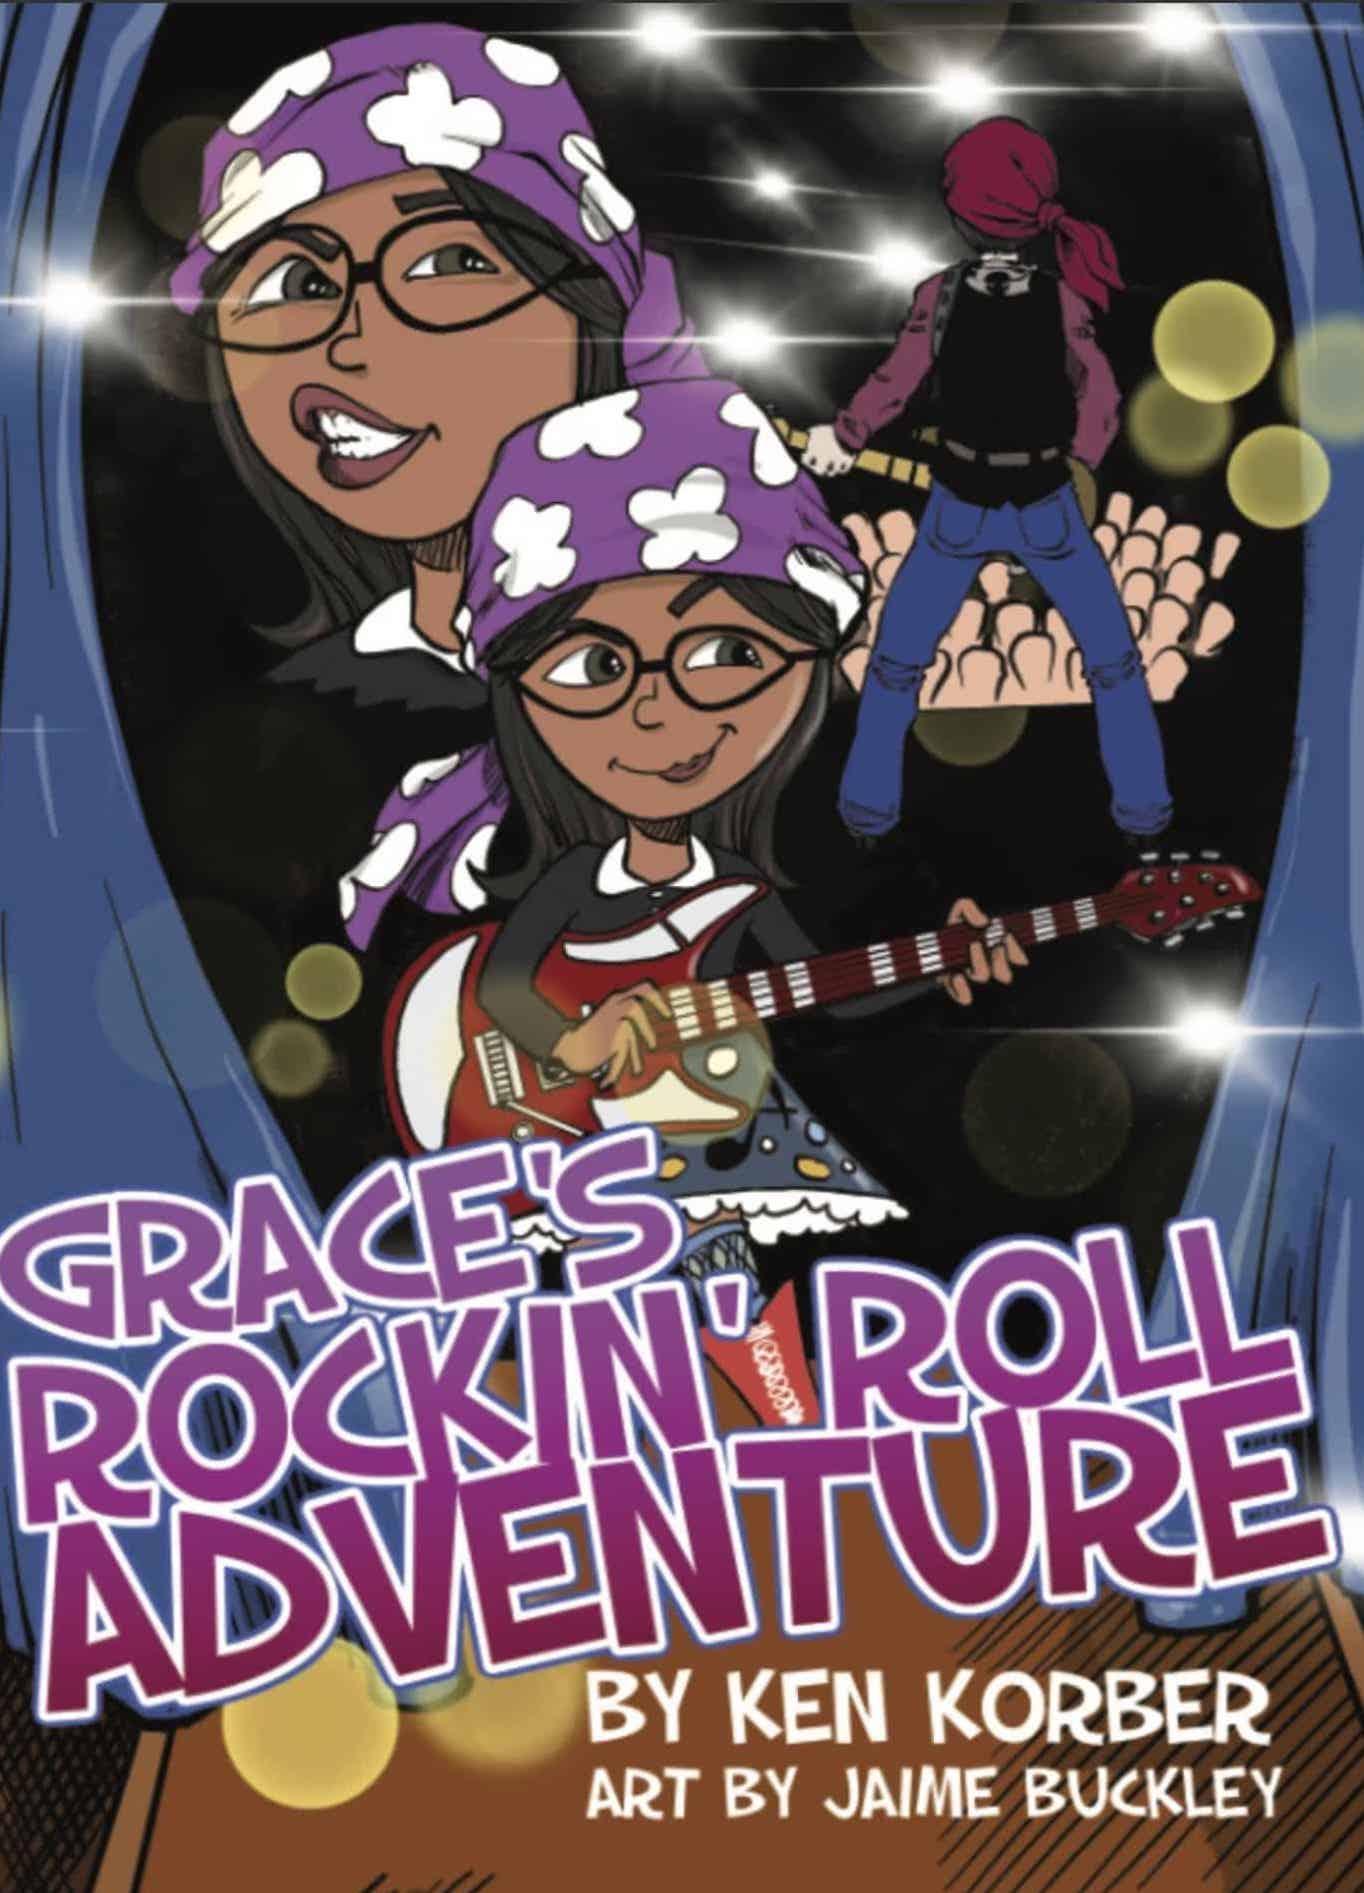 Grace's Rockin' Roll Adventure by Ken Korber